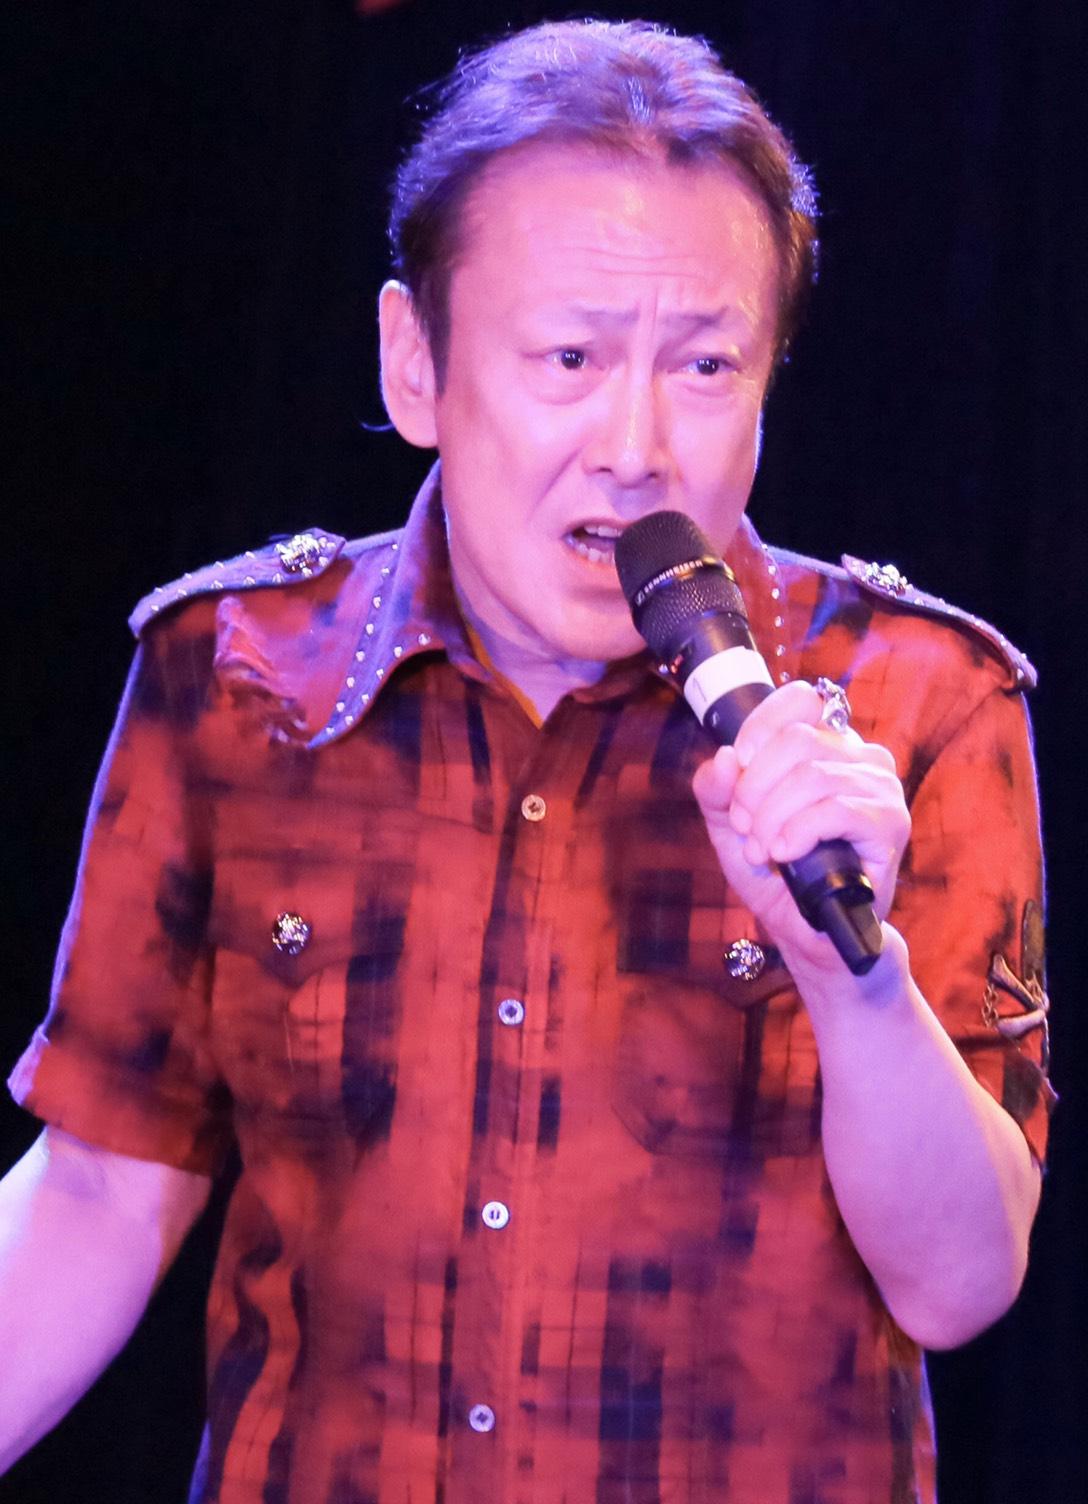 声優・堀川りょう、初の誕生日イベントの開催を急遽決定サムネイル画像